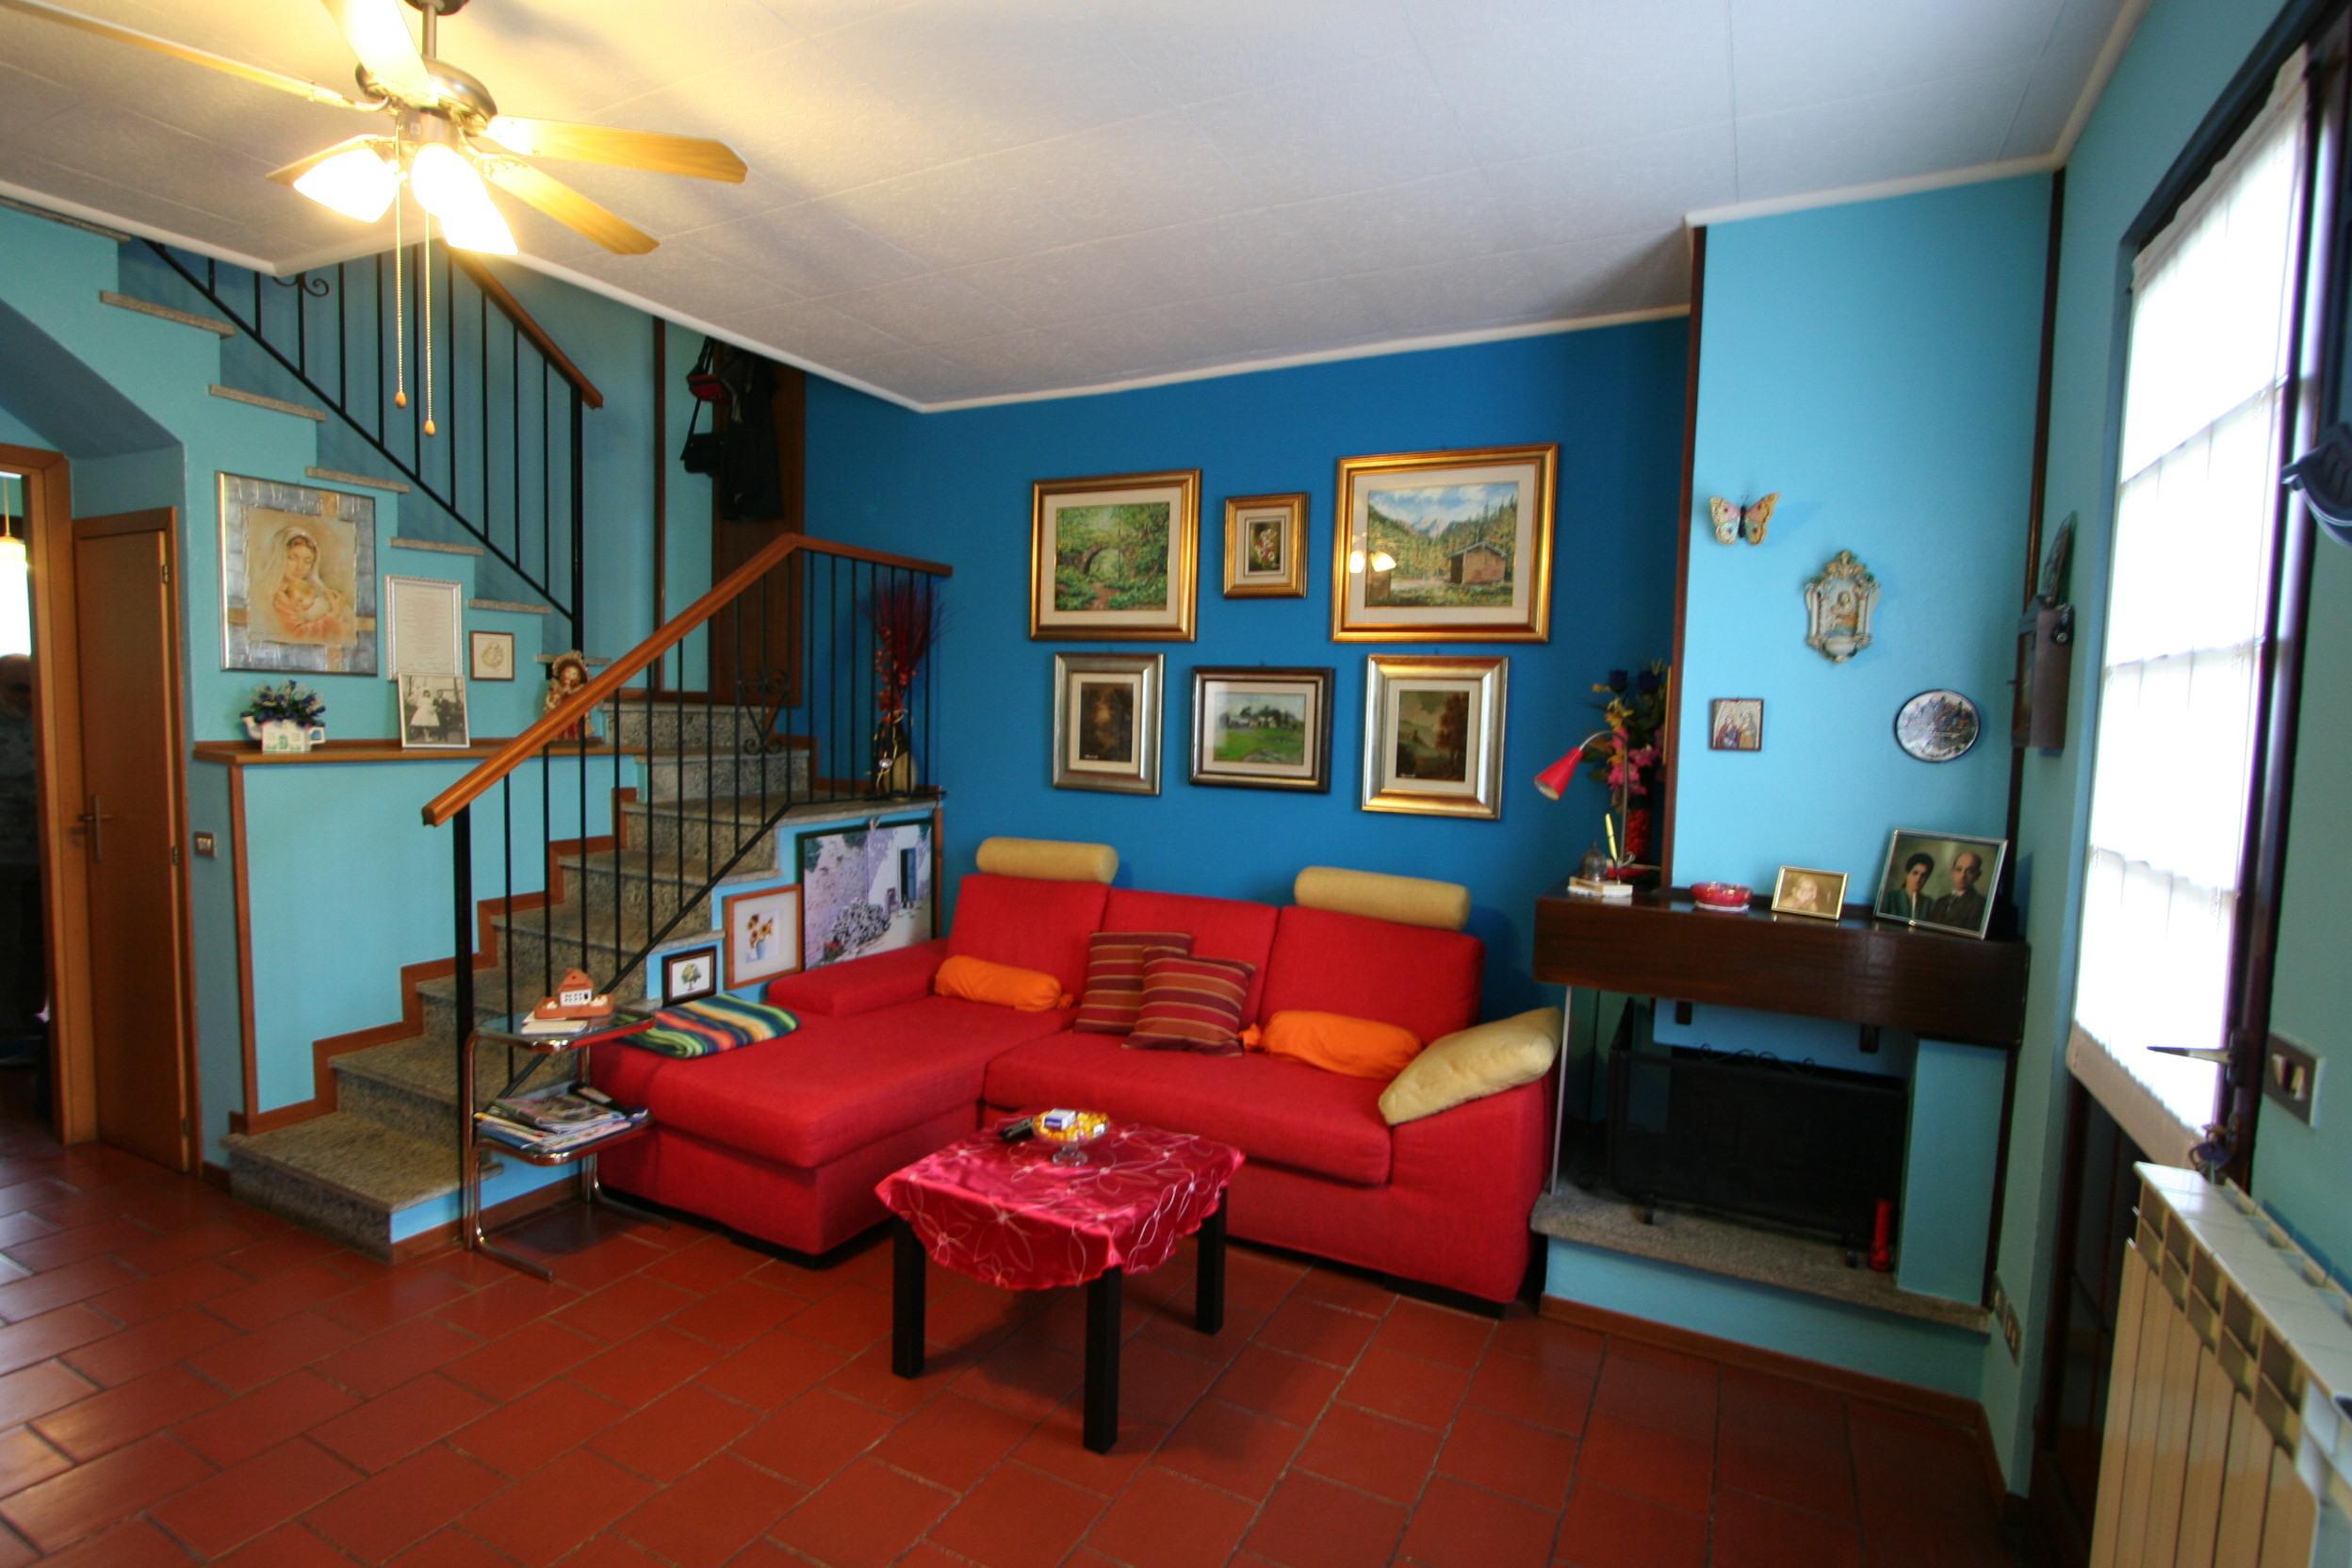 Semindipendente villa a schiera in vendita borgo ticino for Negozi arredamento piemonte